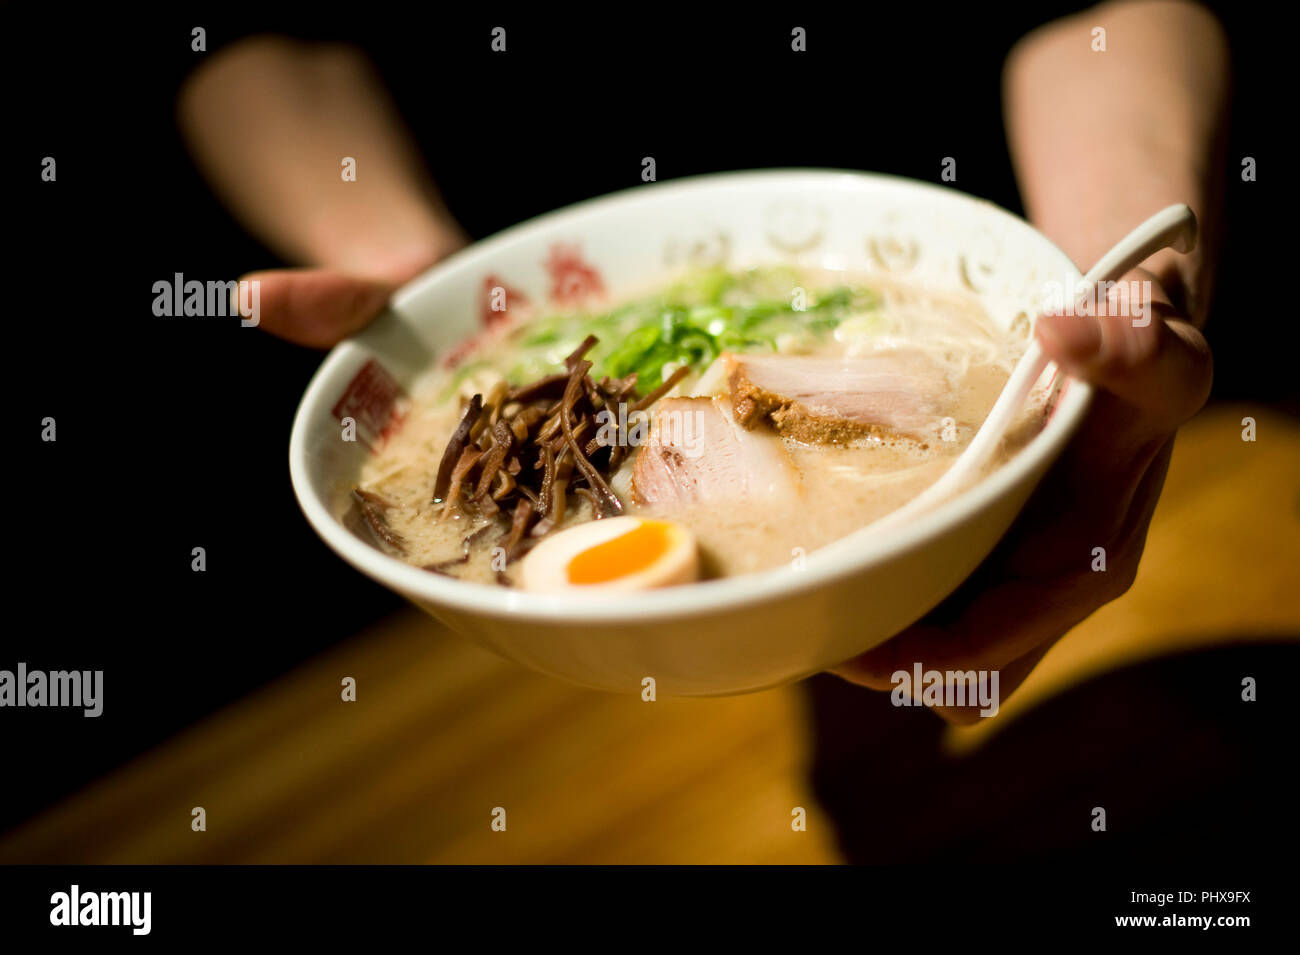 Un addetto allo stand serve noodles preparati a Hakata Ippudo Ramen del negozio principale in il Daimyo distretto della Città di Fukuoka, Prefettura di Fukuoka in Giappone il 08 marzo 201 Immagini Stock